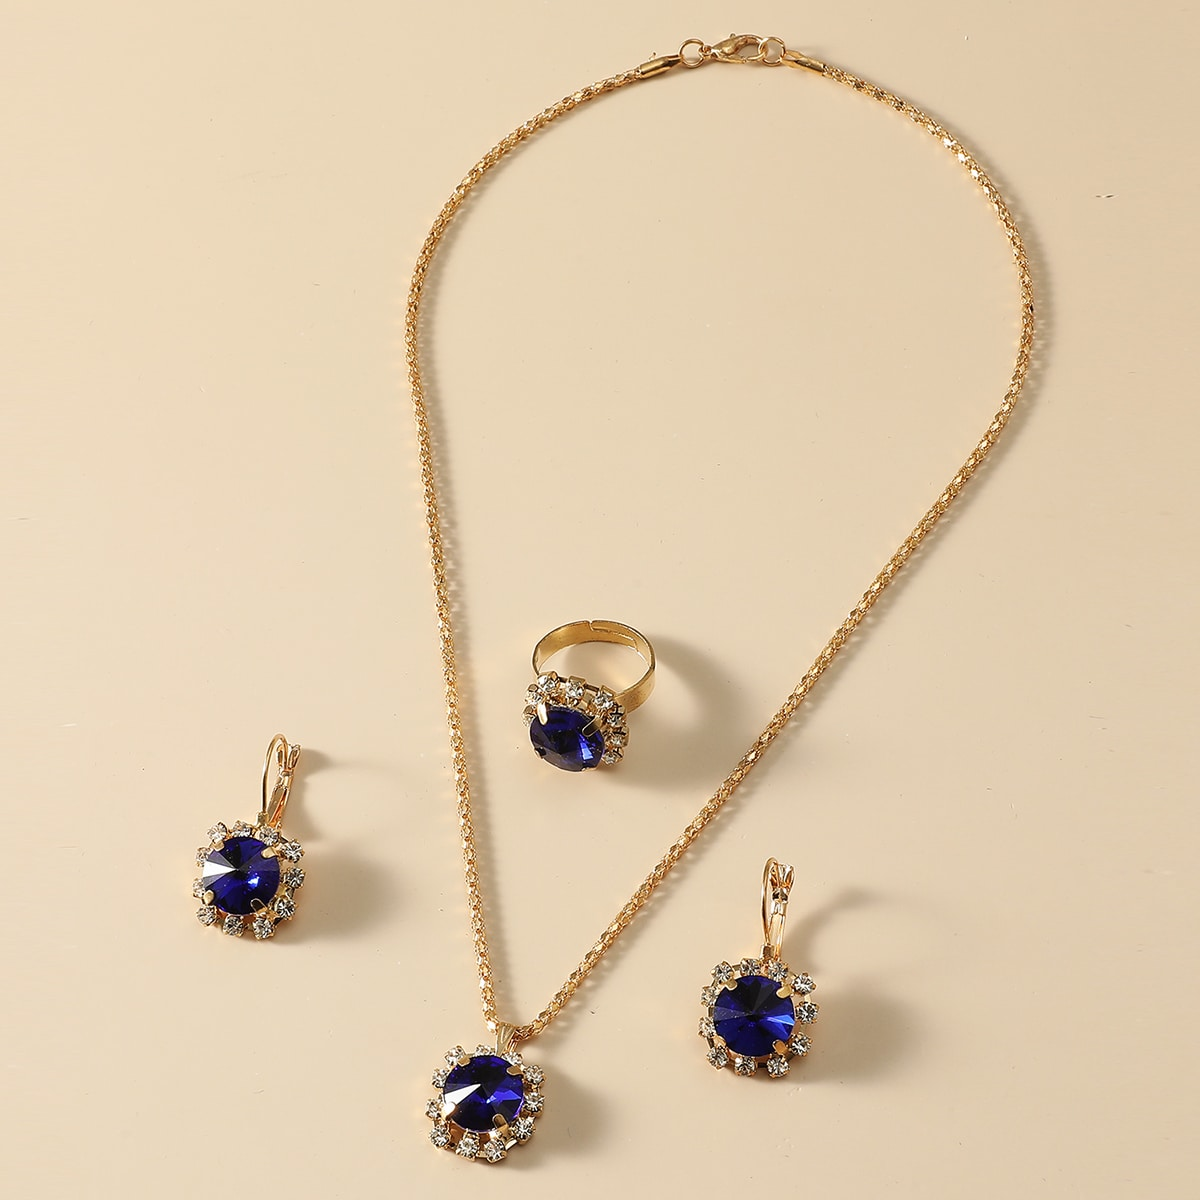 1 Stück Halskette mit Strass Anhänger & 1 Paar Ohrringe & 1 Stück Ring